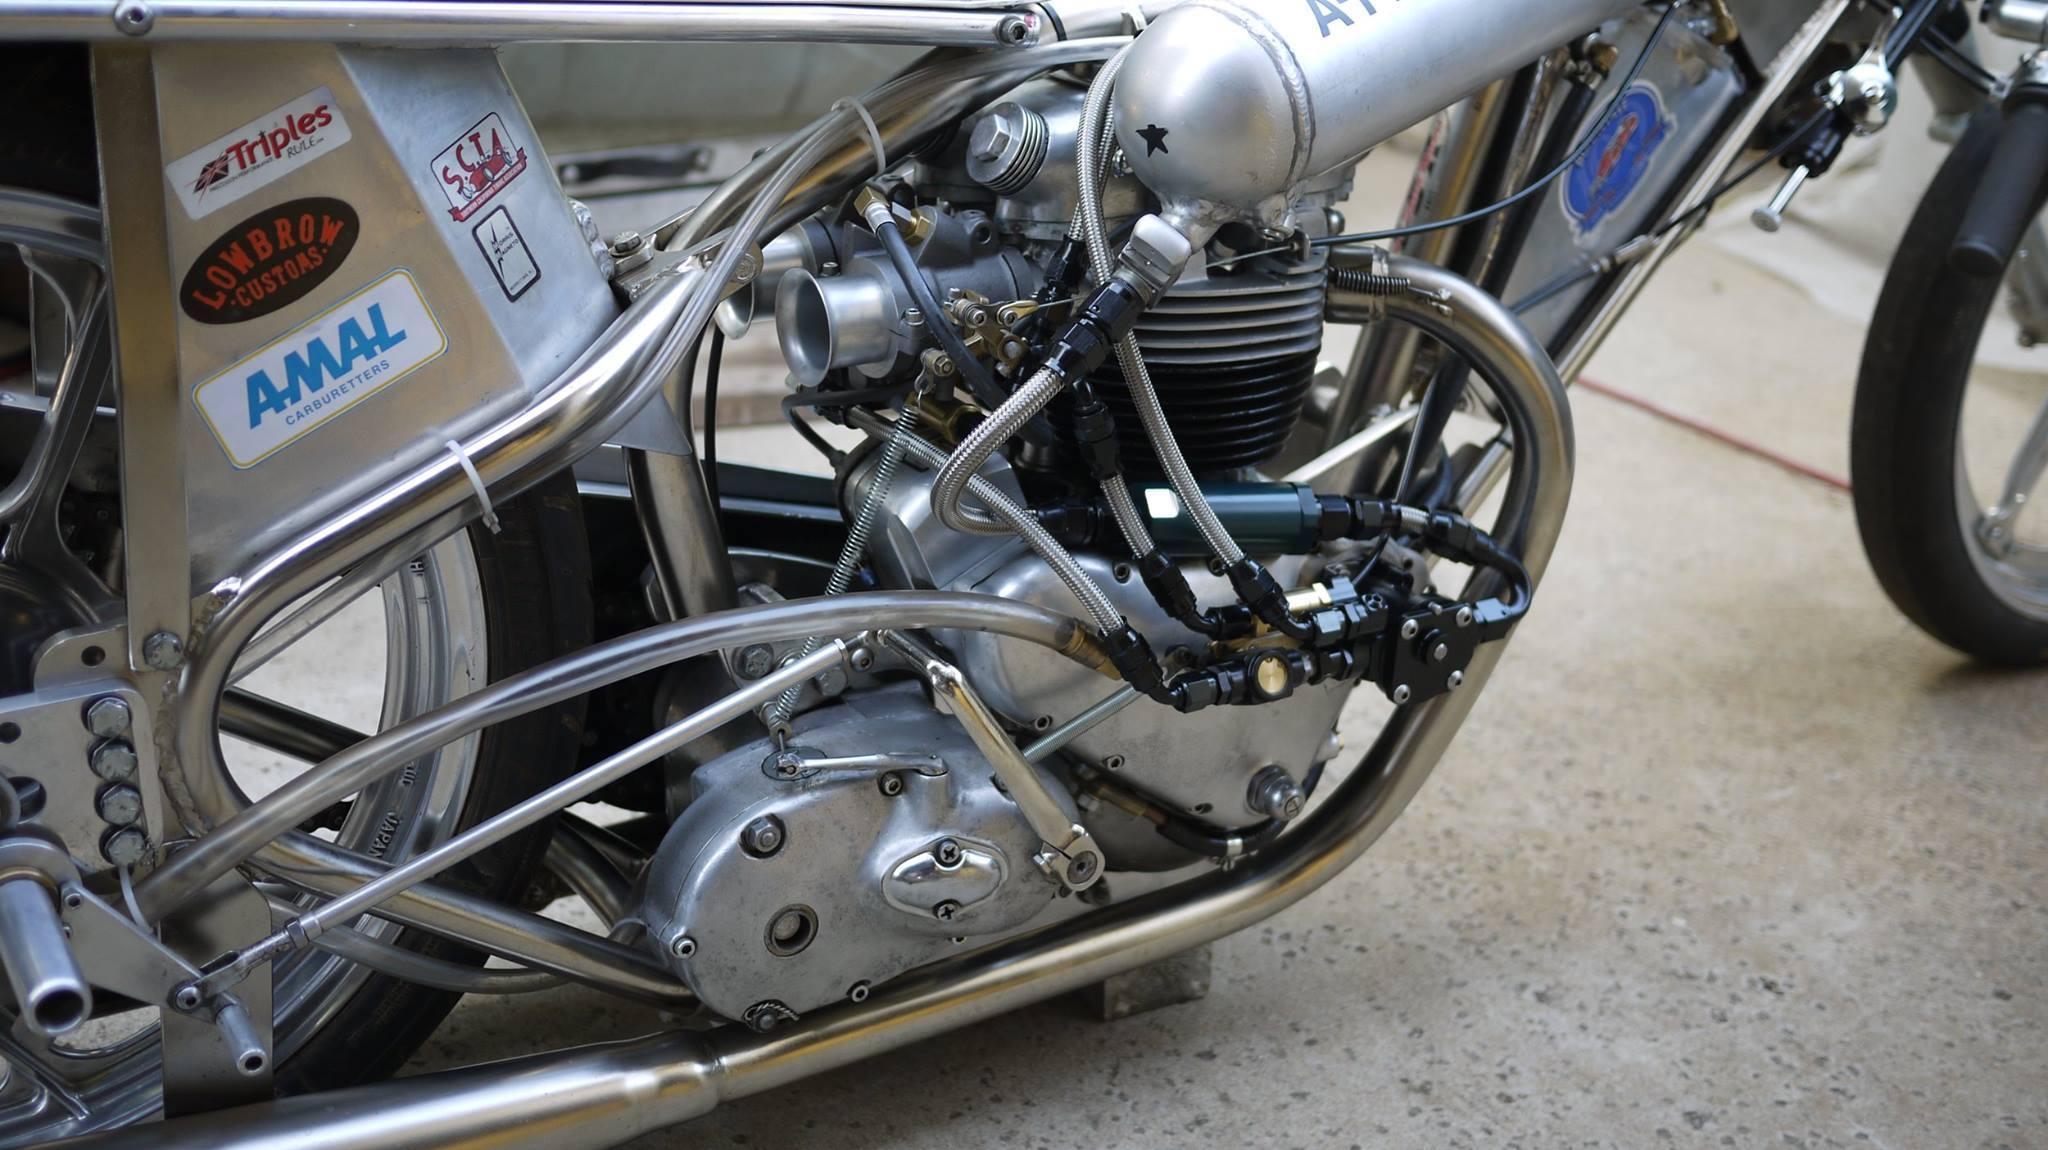 Alp Racing Engines - Vintage Pre Unit Triumph Motors